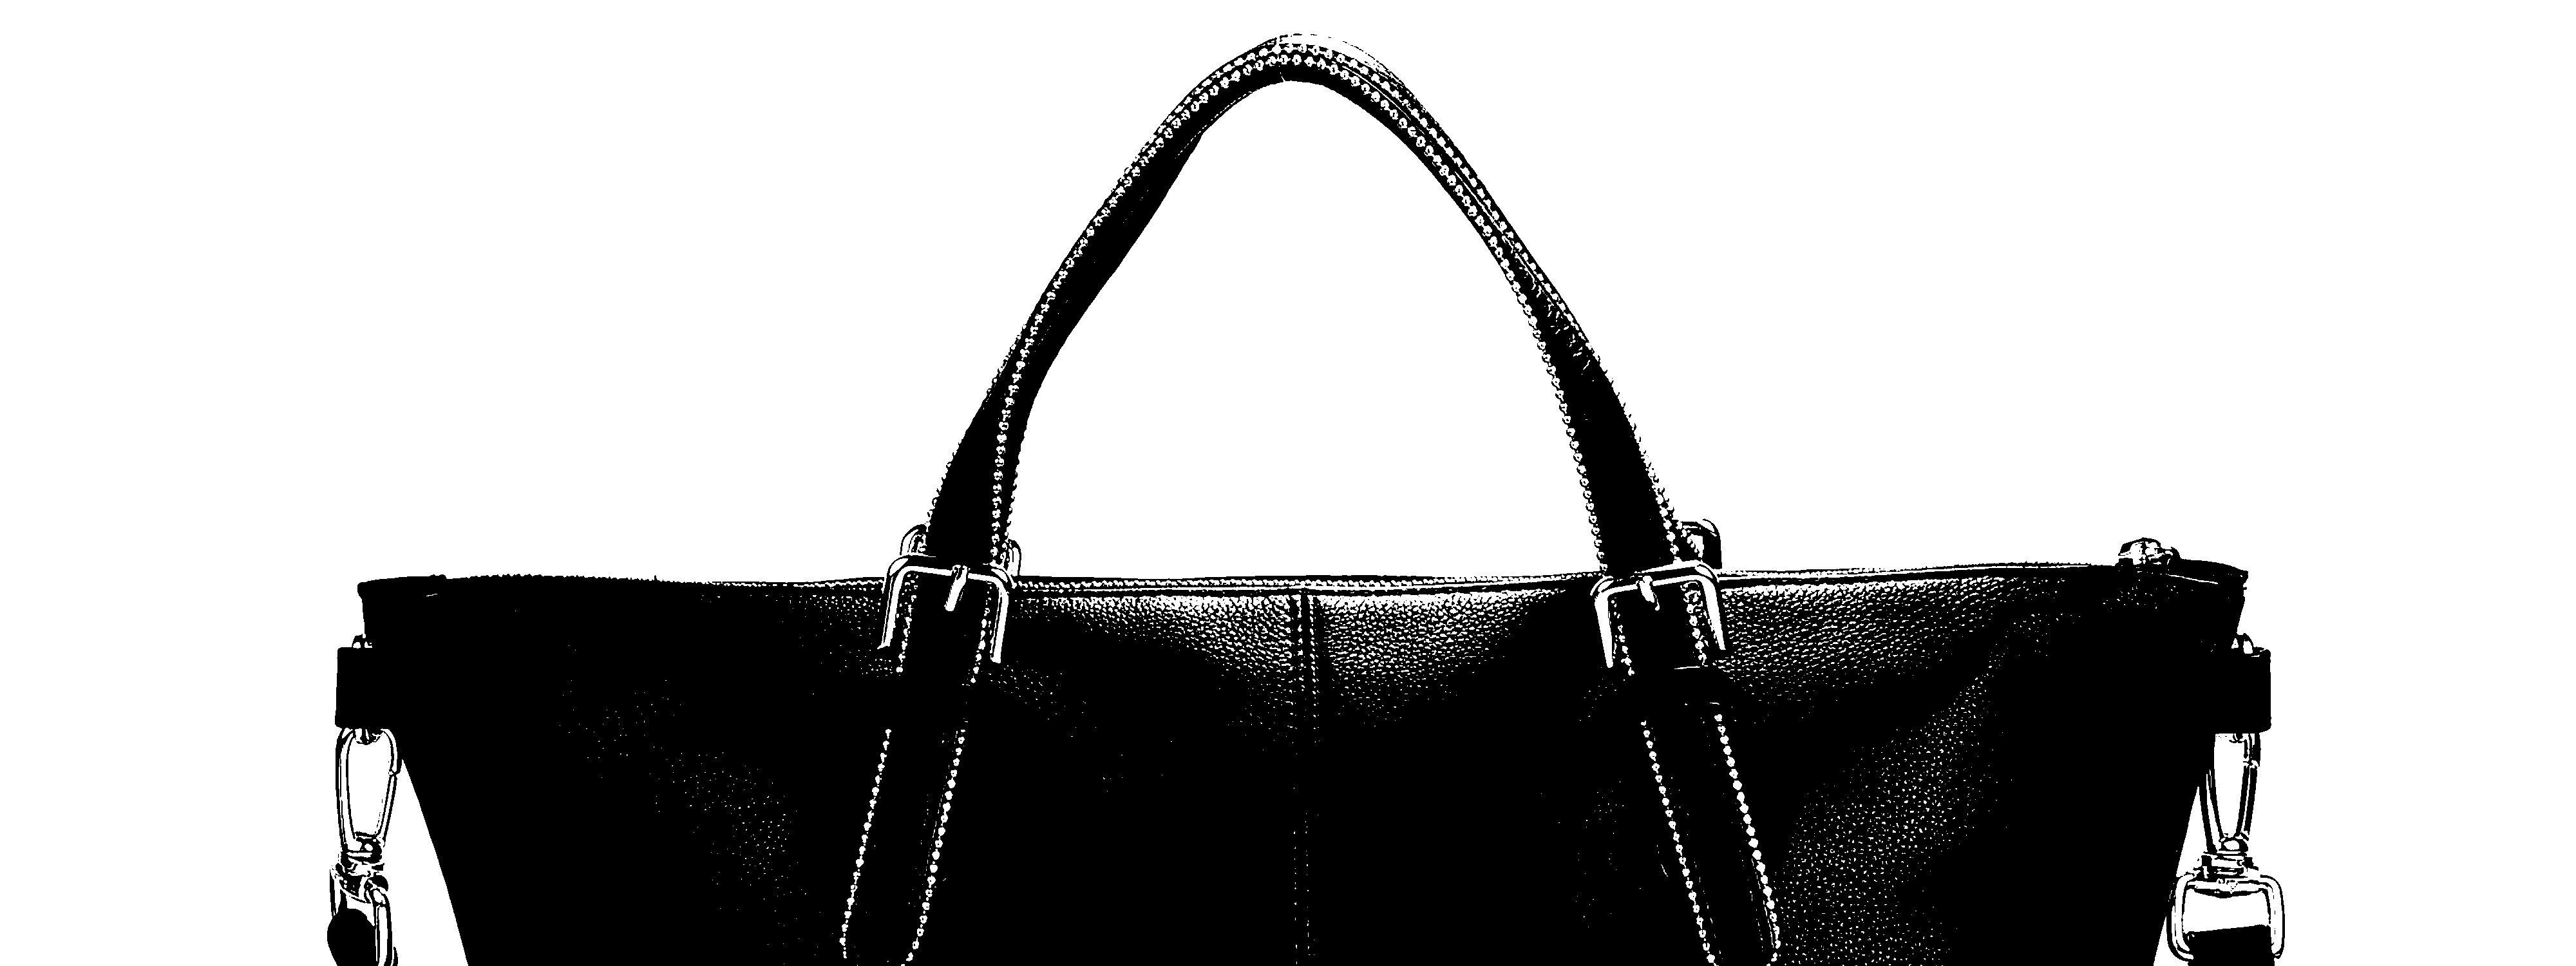 2015-10-17_handtasche